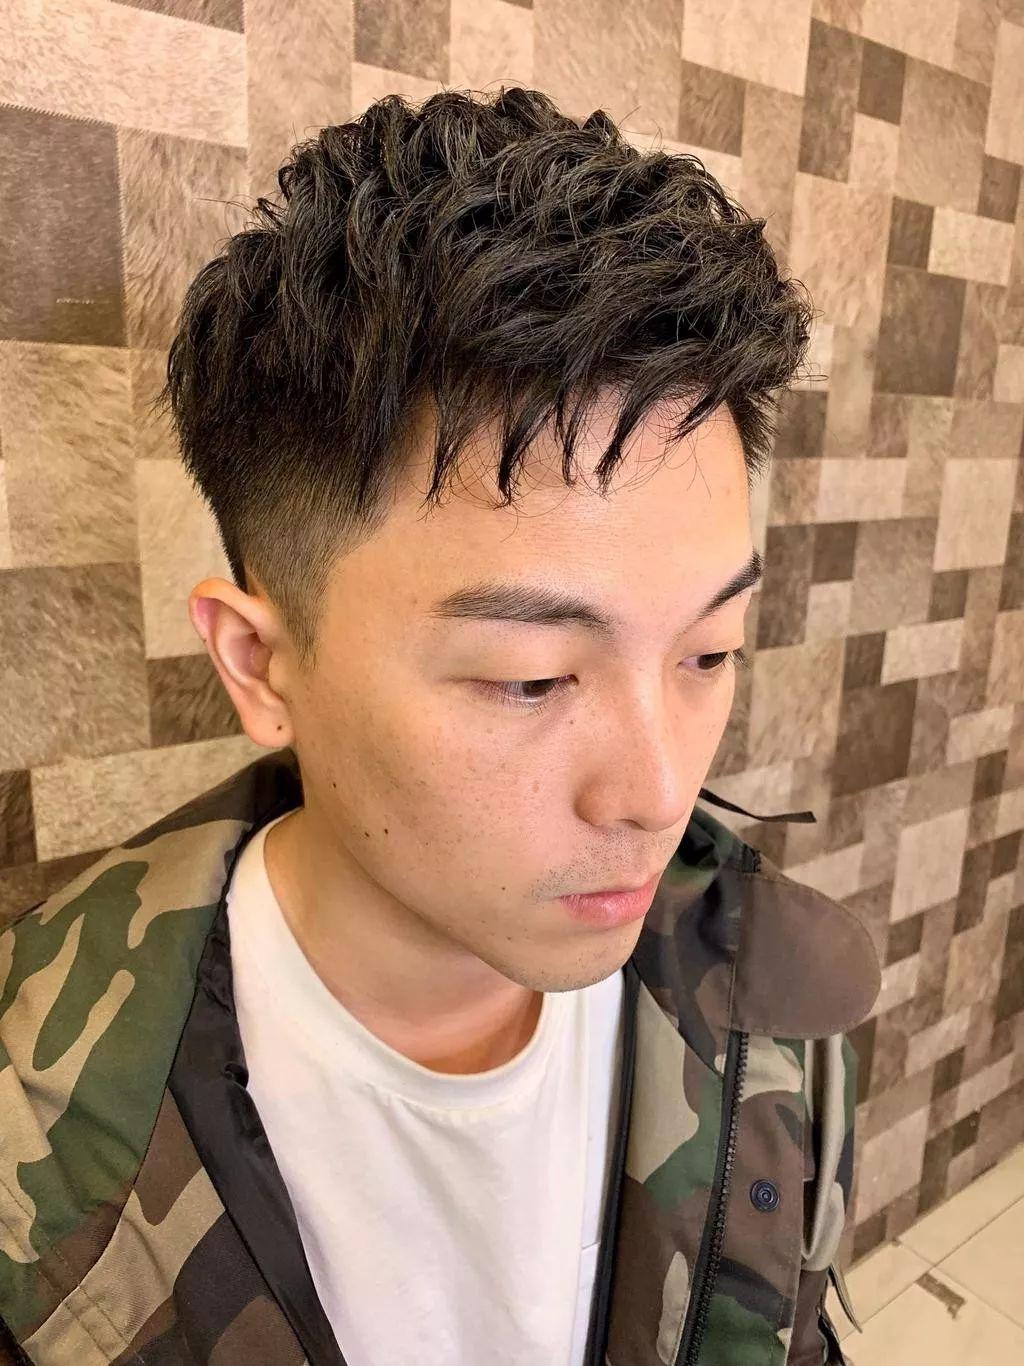 2020韩男发型趋势大预测!秒变帅气欧爸图片